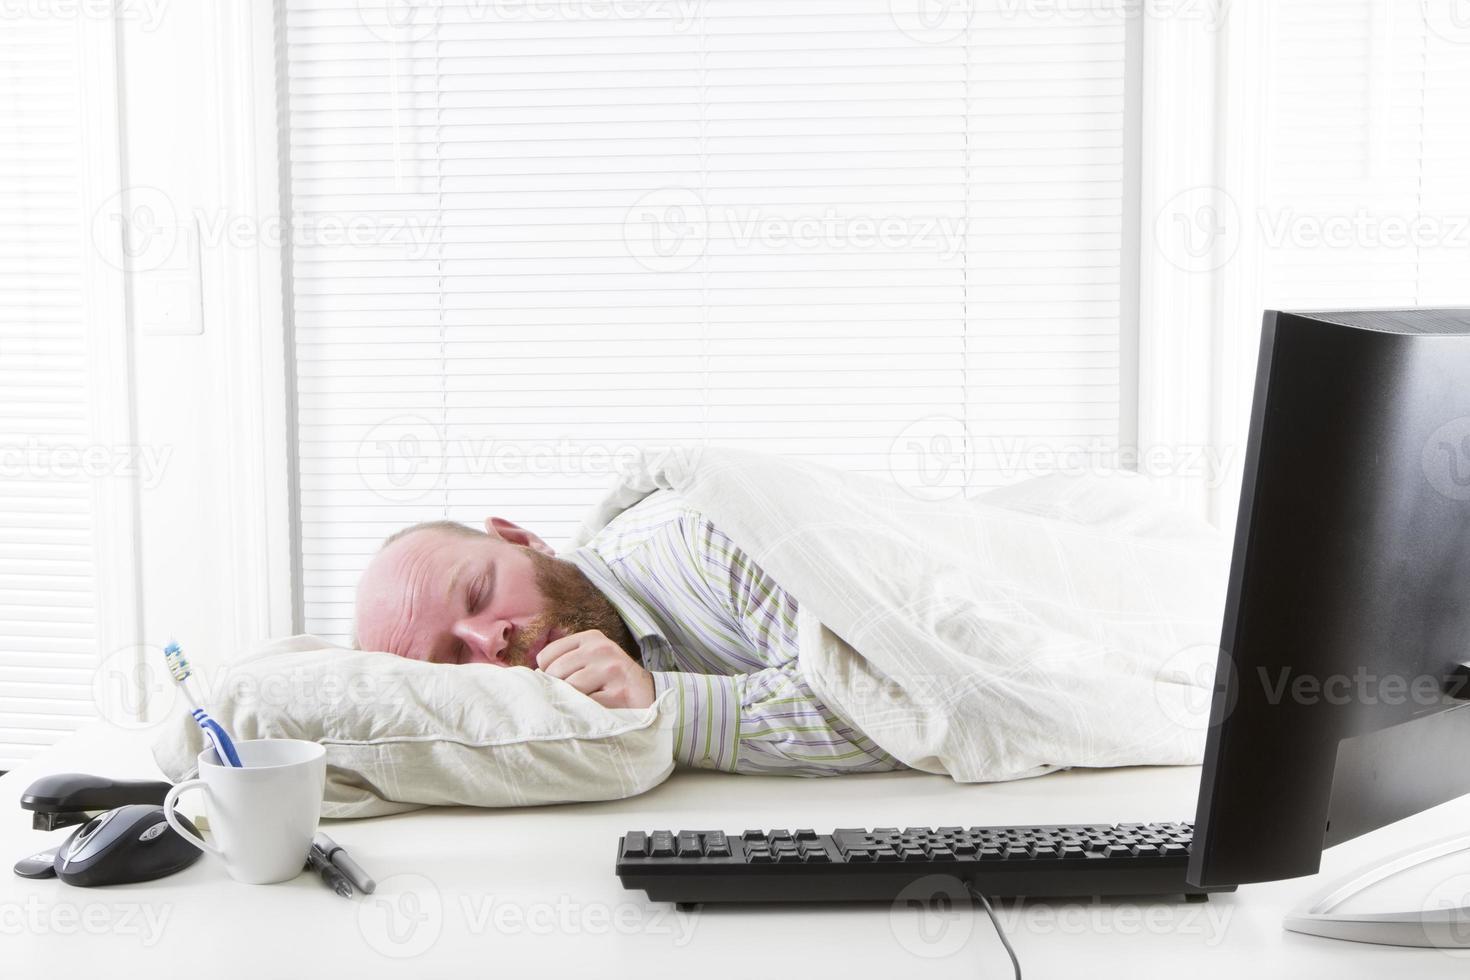 oficinista duerme en su escritorio foto